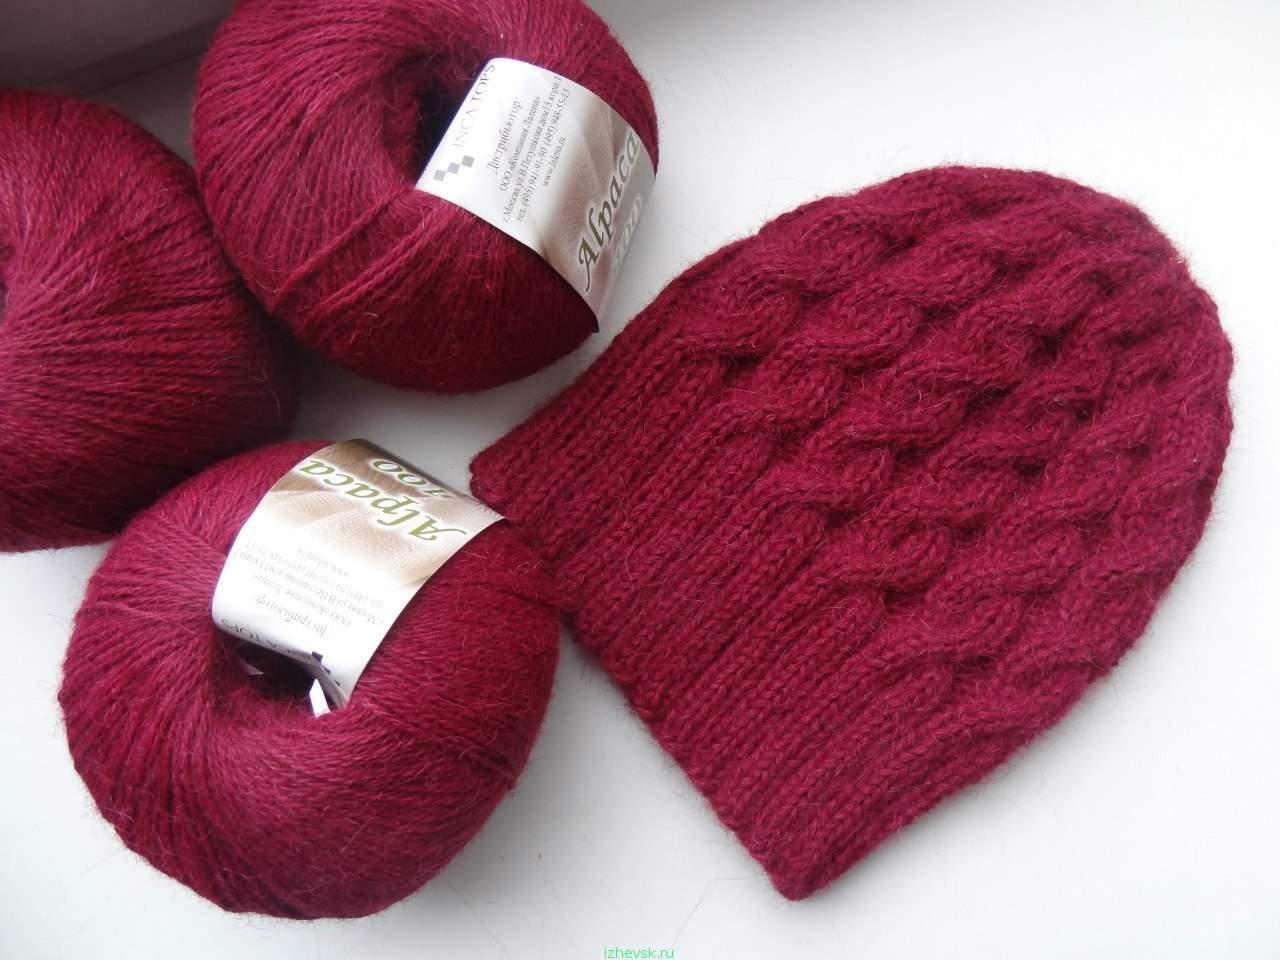 Вязание спицами носок и шапок 533